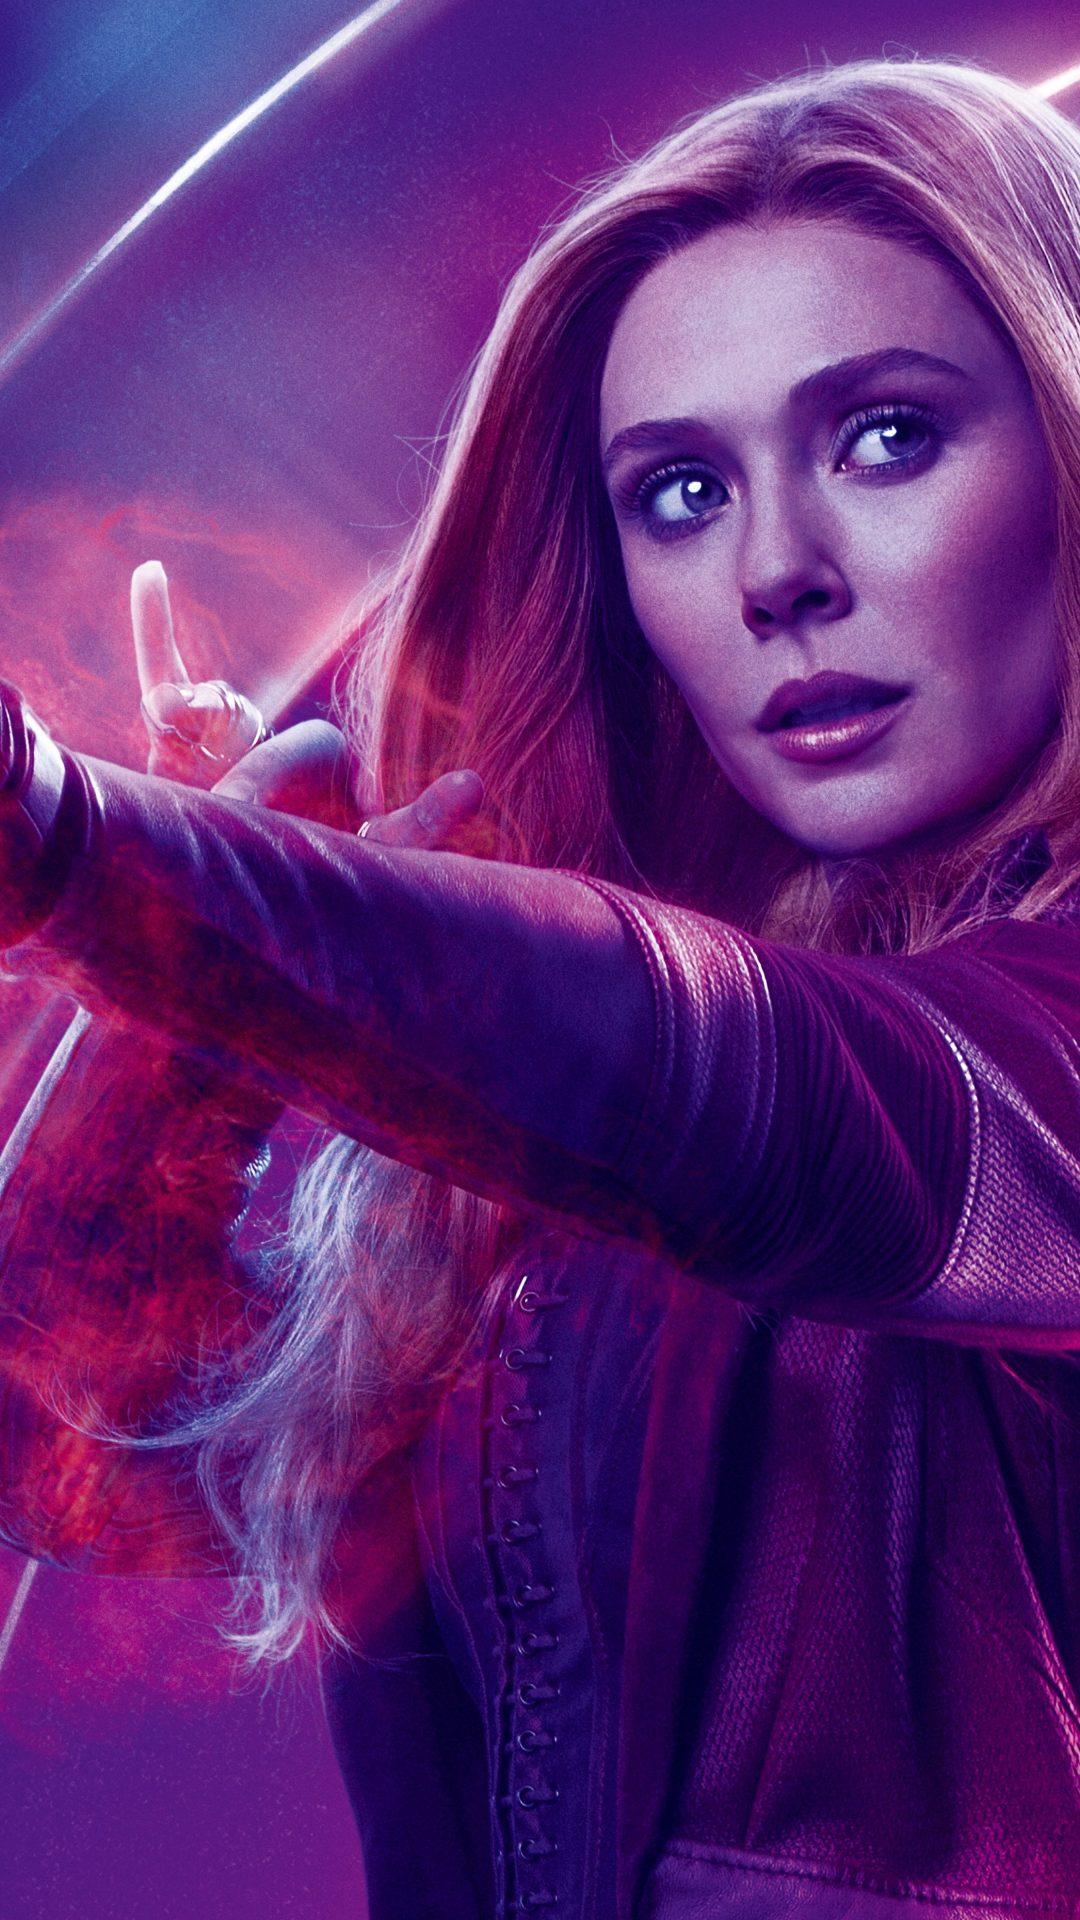 Avengers Infinity War 2018 Scarlet Witch 8K Ultra HD Wallpaper